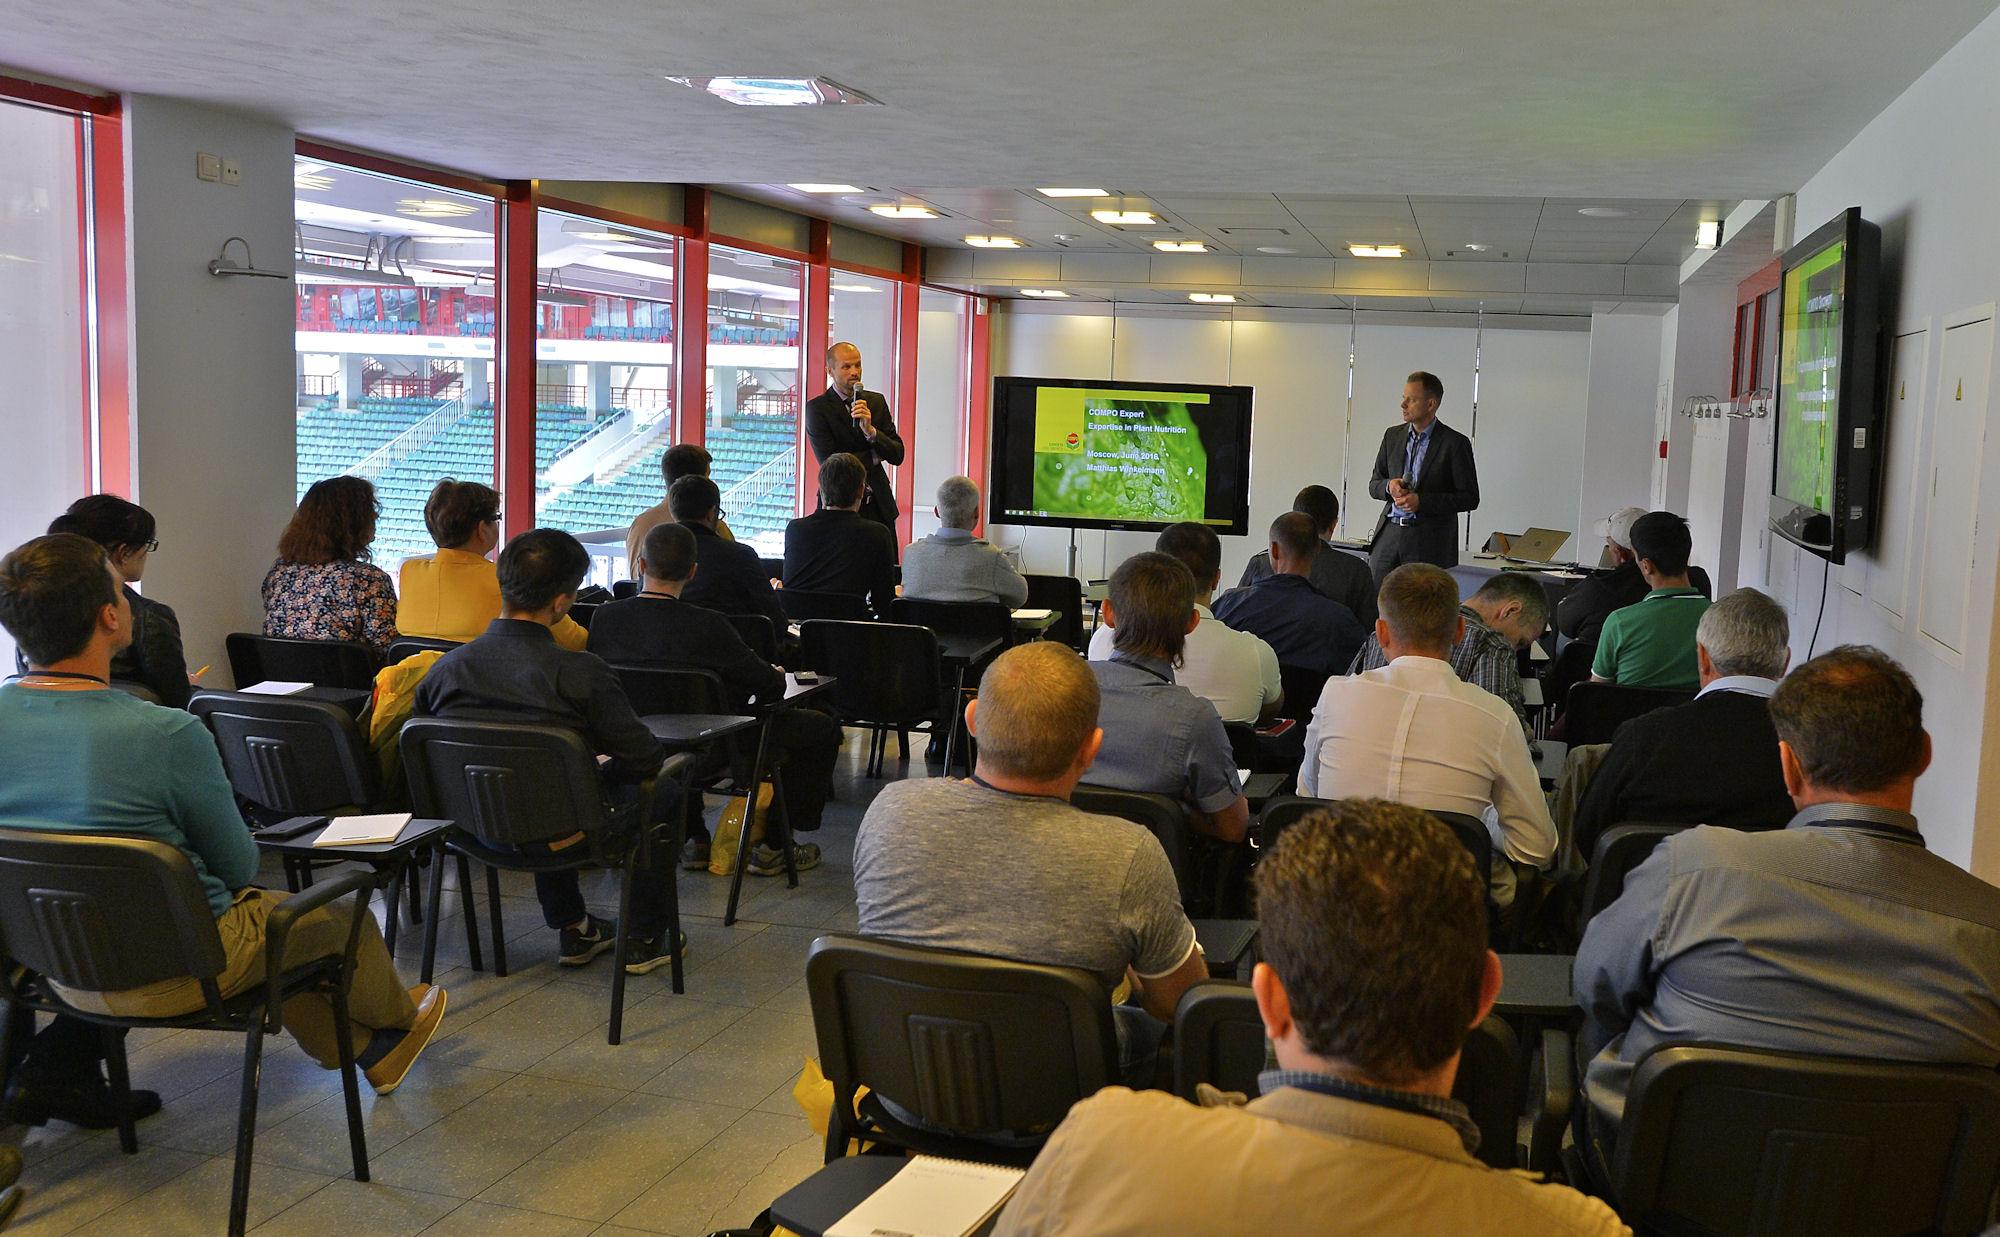 Проведение теоретической части семинара на стадионе «Локомотив»